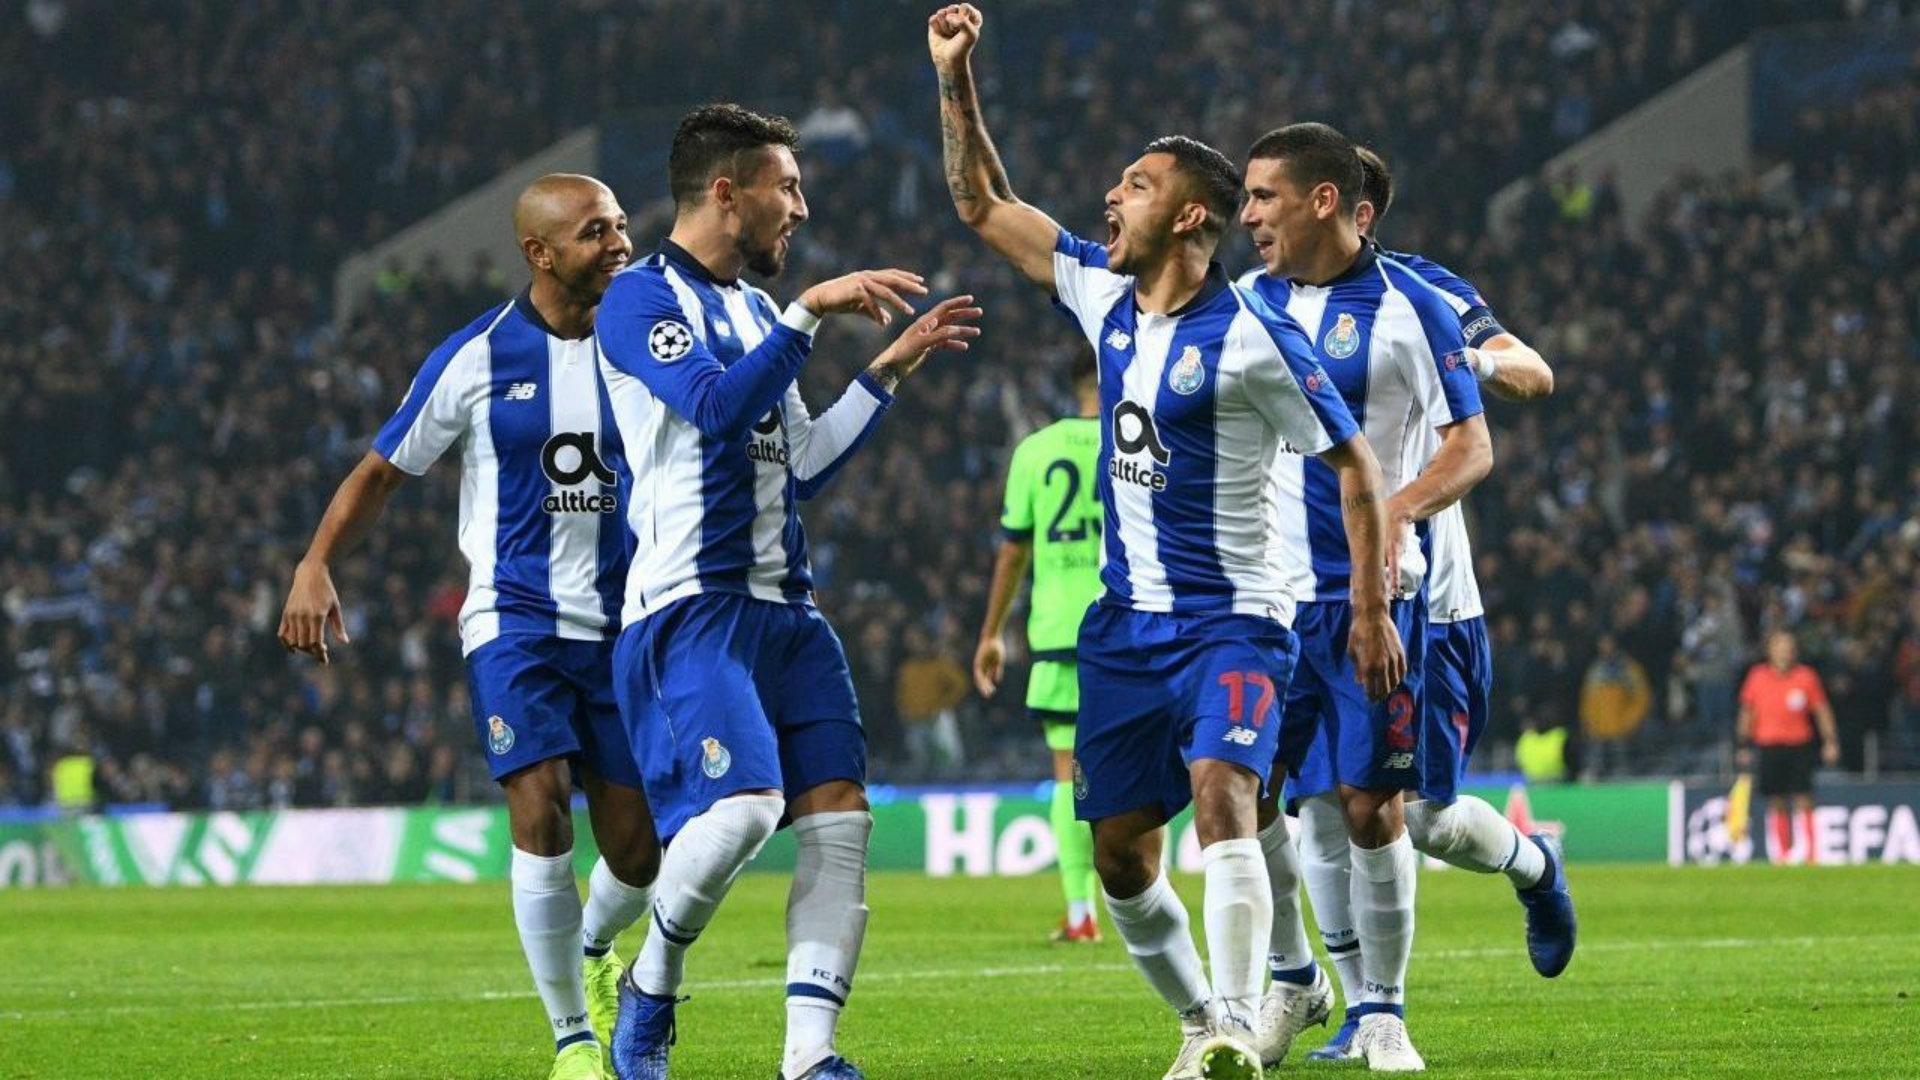 Onde Assistir Ao Vivo A Famalicao X Porto Pelo Campeonato Portugues Goal Com